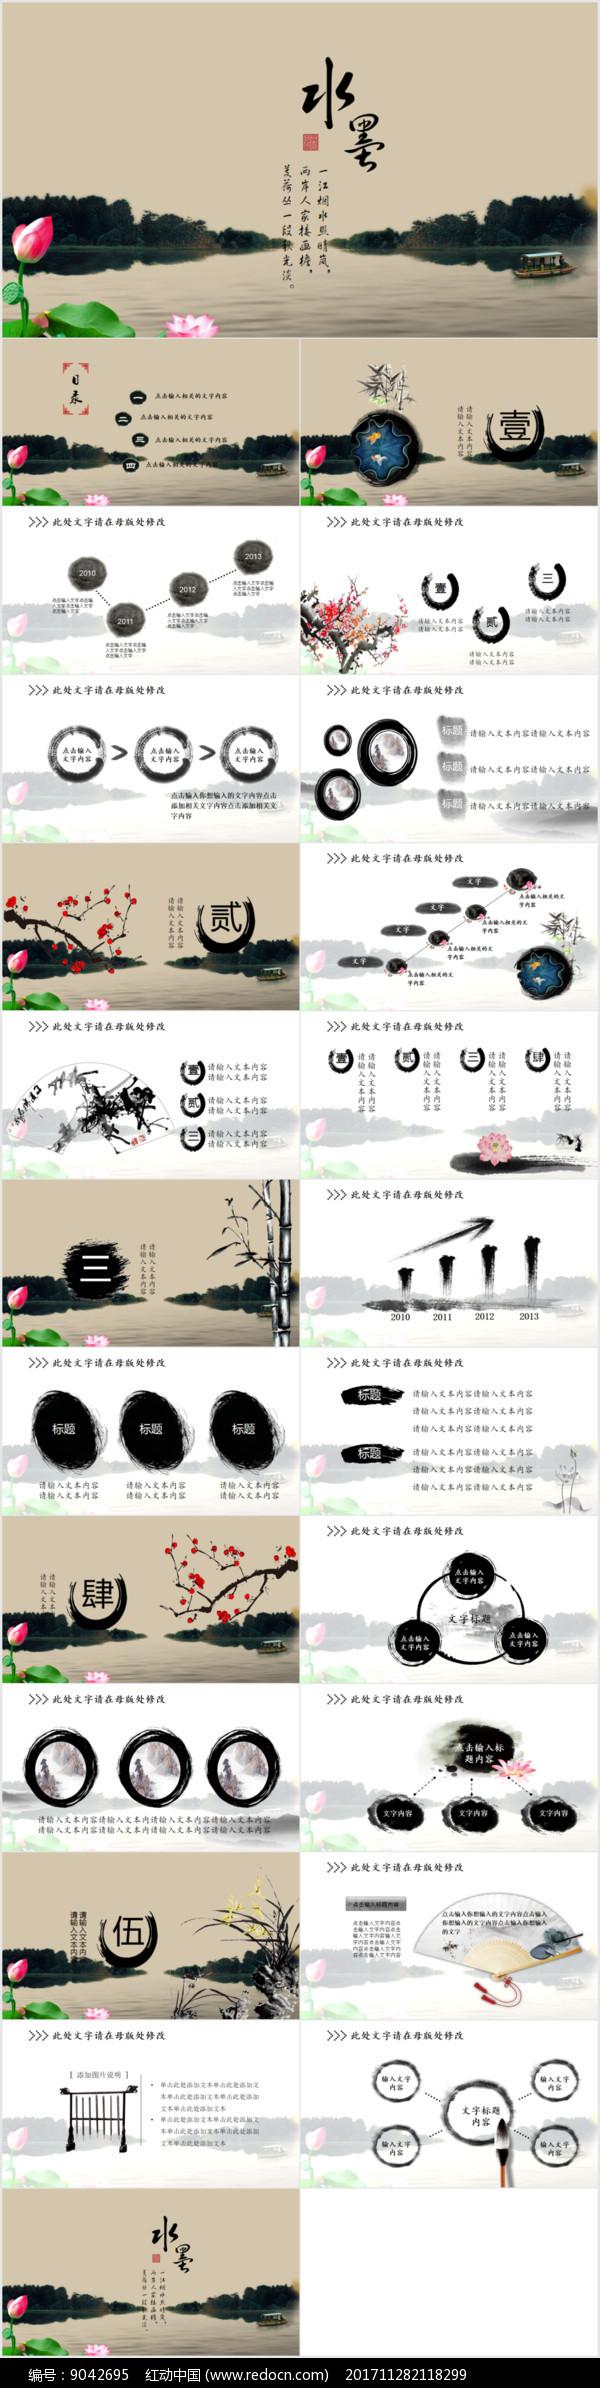 中国风水墨年终工作总结计划PPT图片